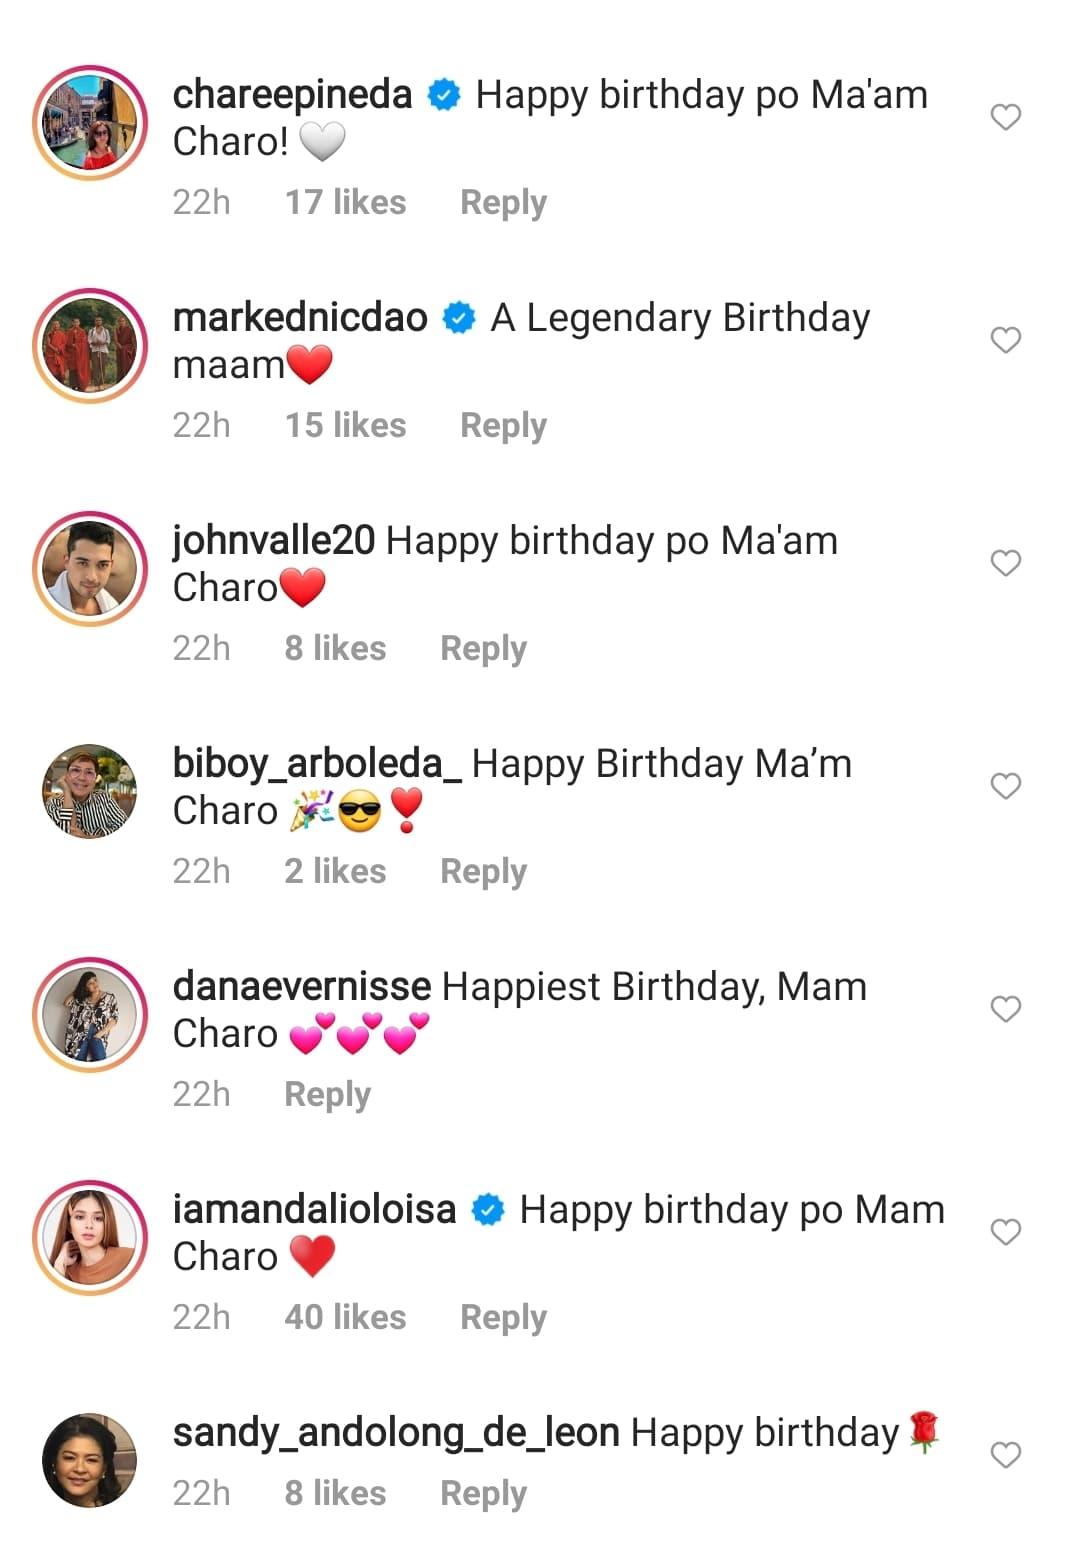 Charo Santos Concio, Charo Santos Concio birthday, Charo Santos Concio age, Charo Santos Concio career